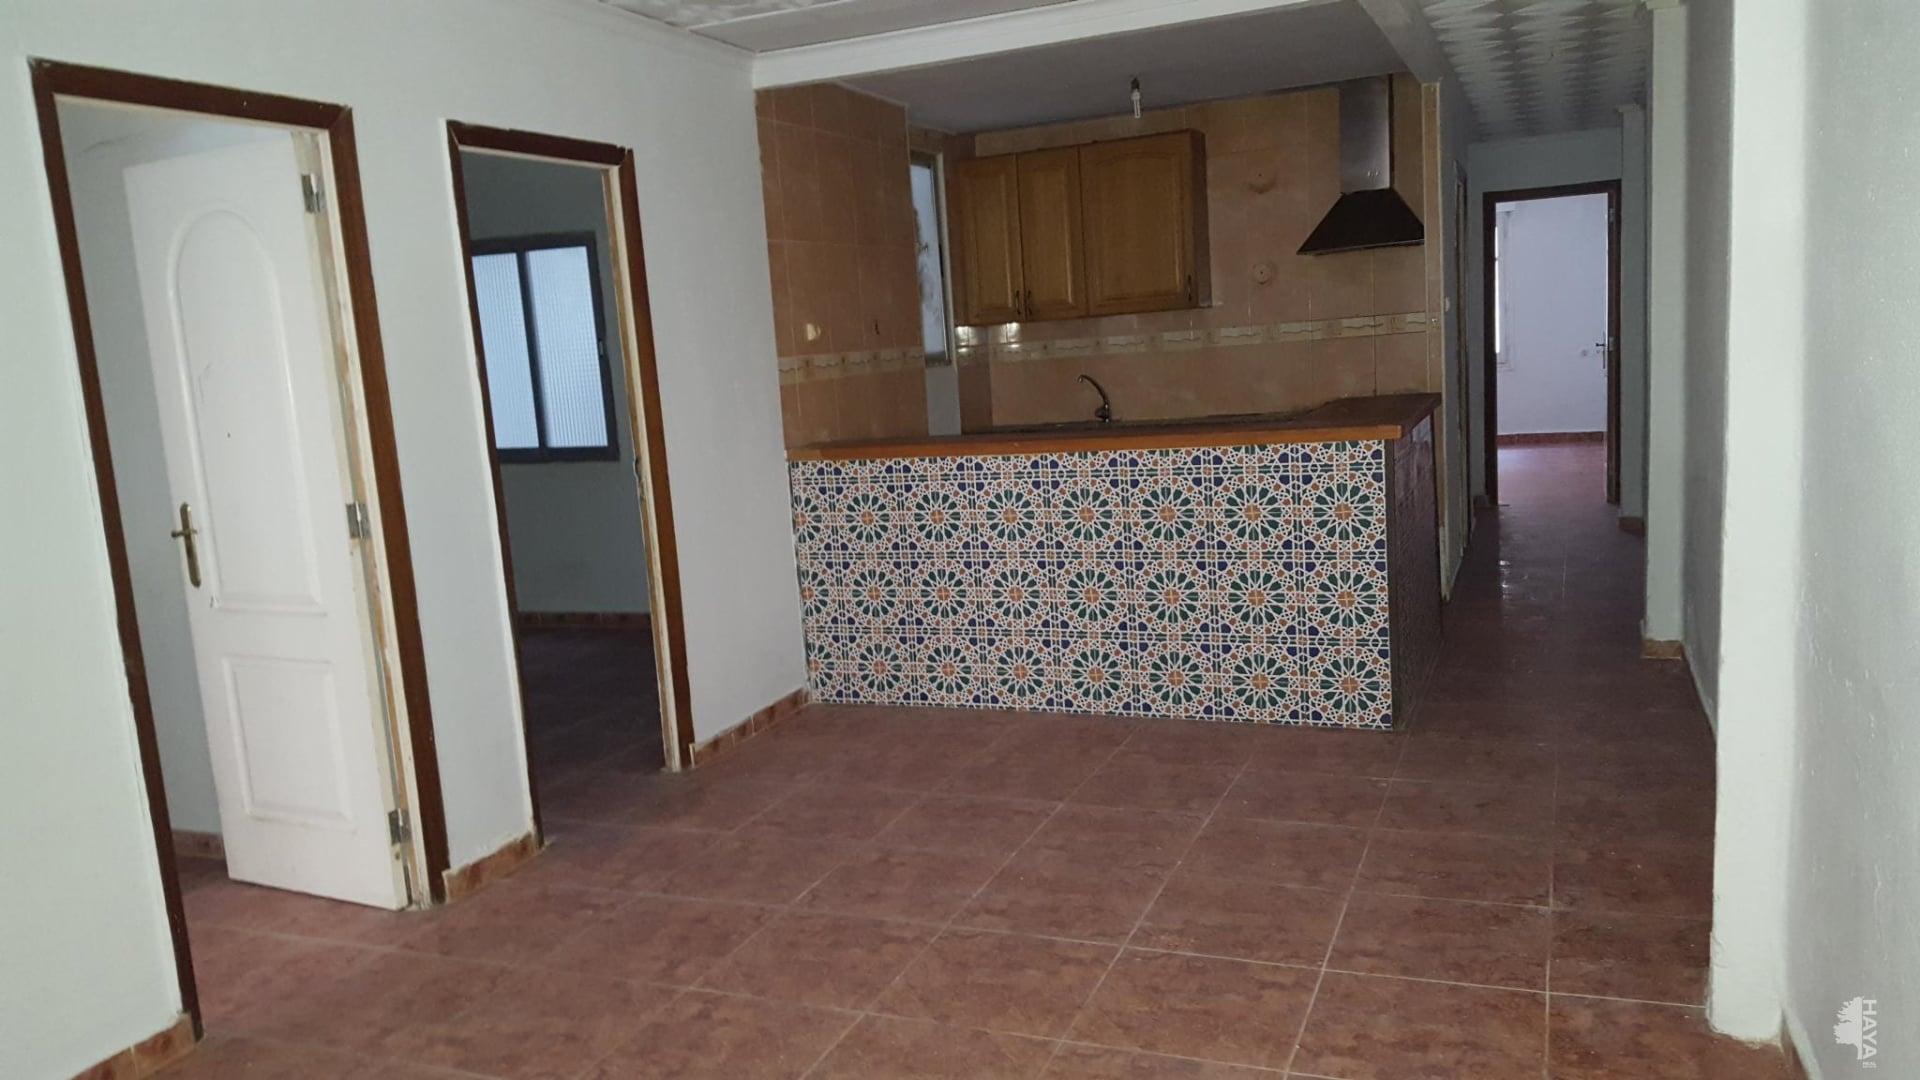 Piso en venta en Gandia, Valencia, Calle Safor (la), 40.900 €, 3 habitaciones, 1 baño, 87 m2